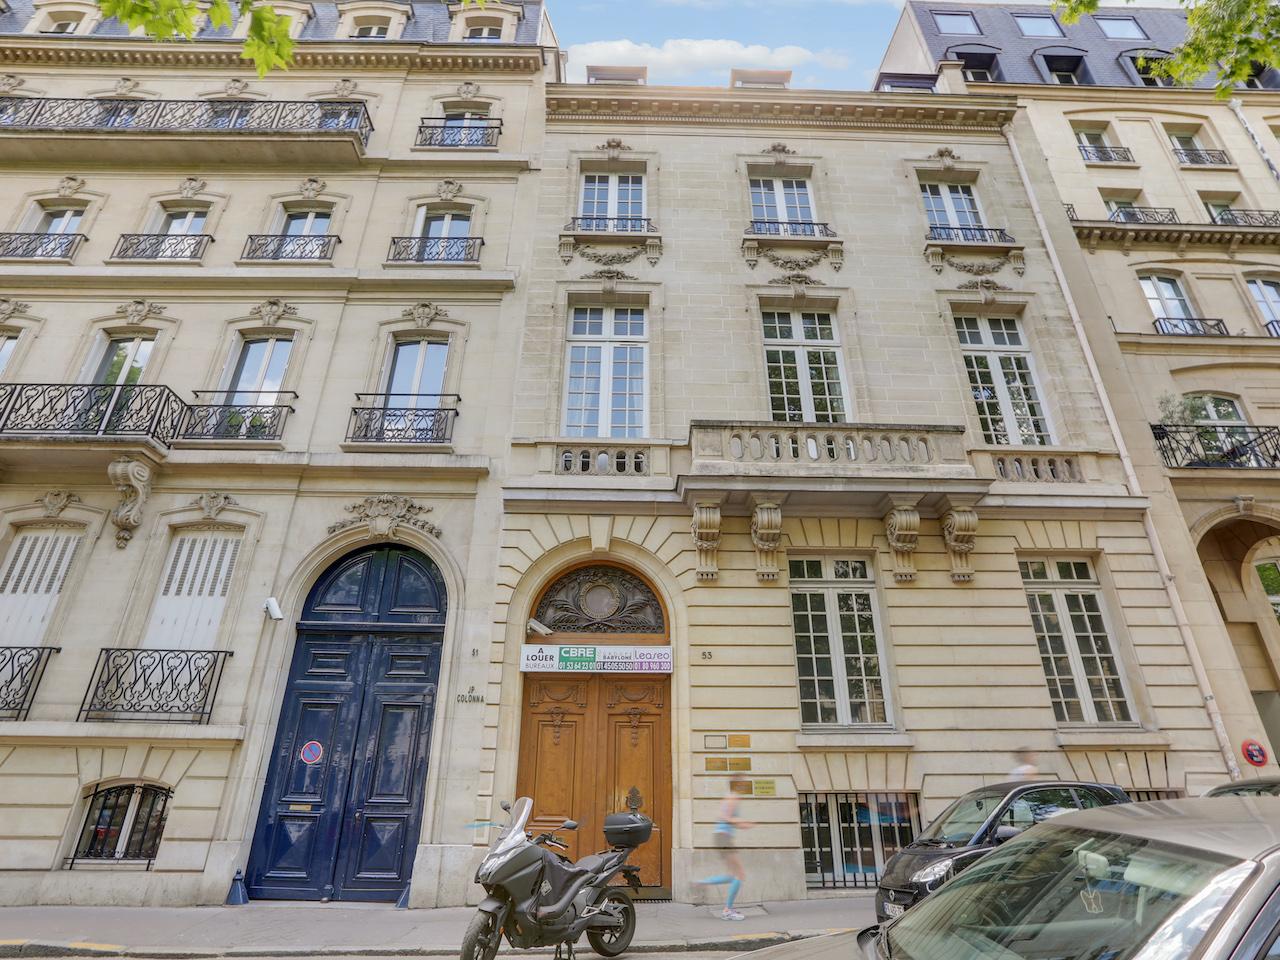 Gebäudeensemble mit historischen Fassaden